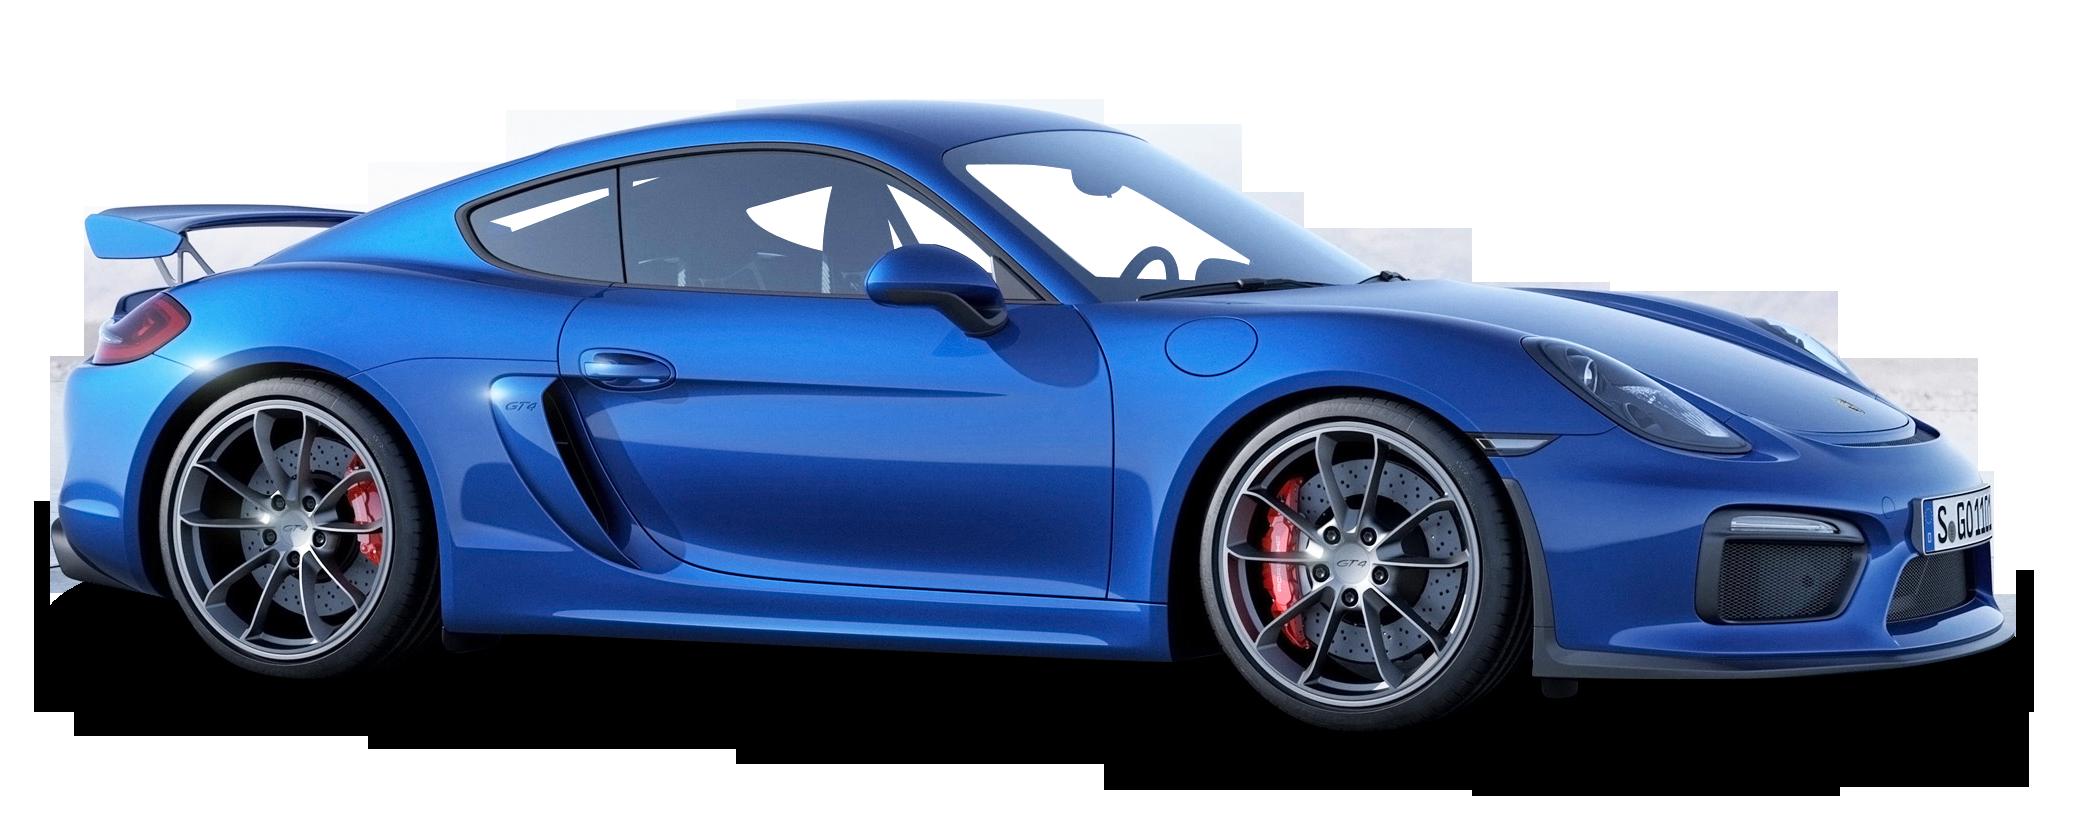 Porsche Cayman GT4 Blue Car PNG Image , PurePNG